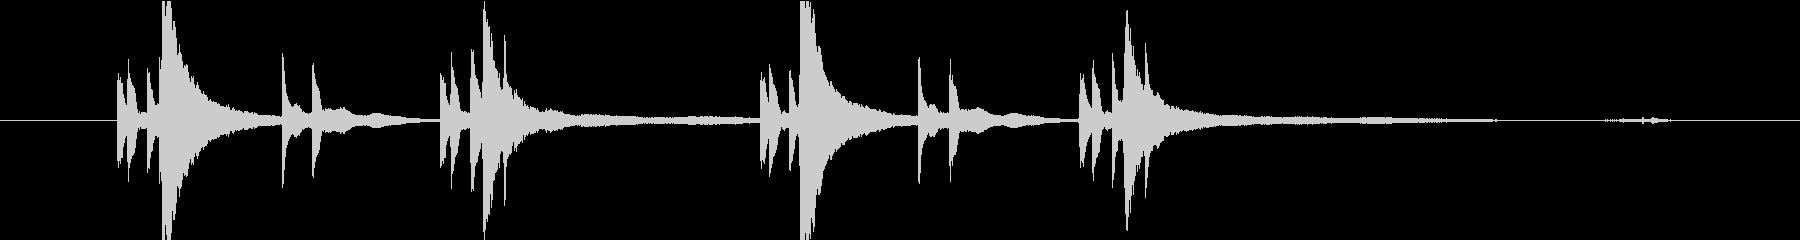 ランウェイ242019過去の回想kaisouの未再生の波形